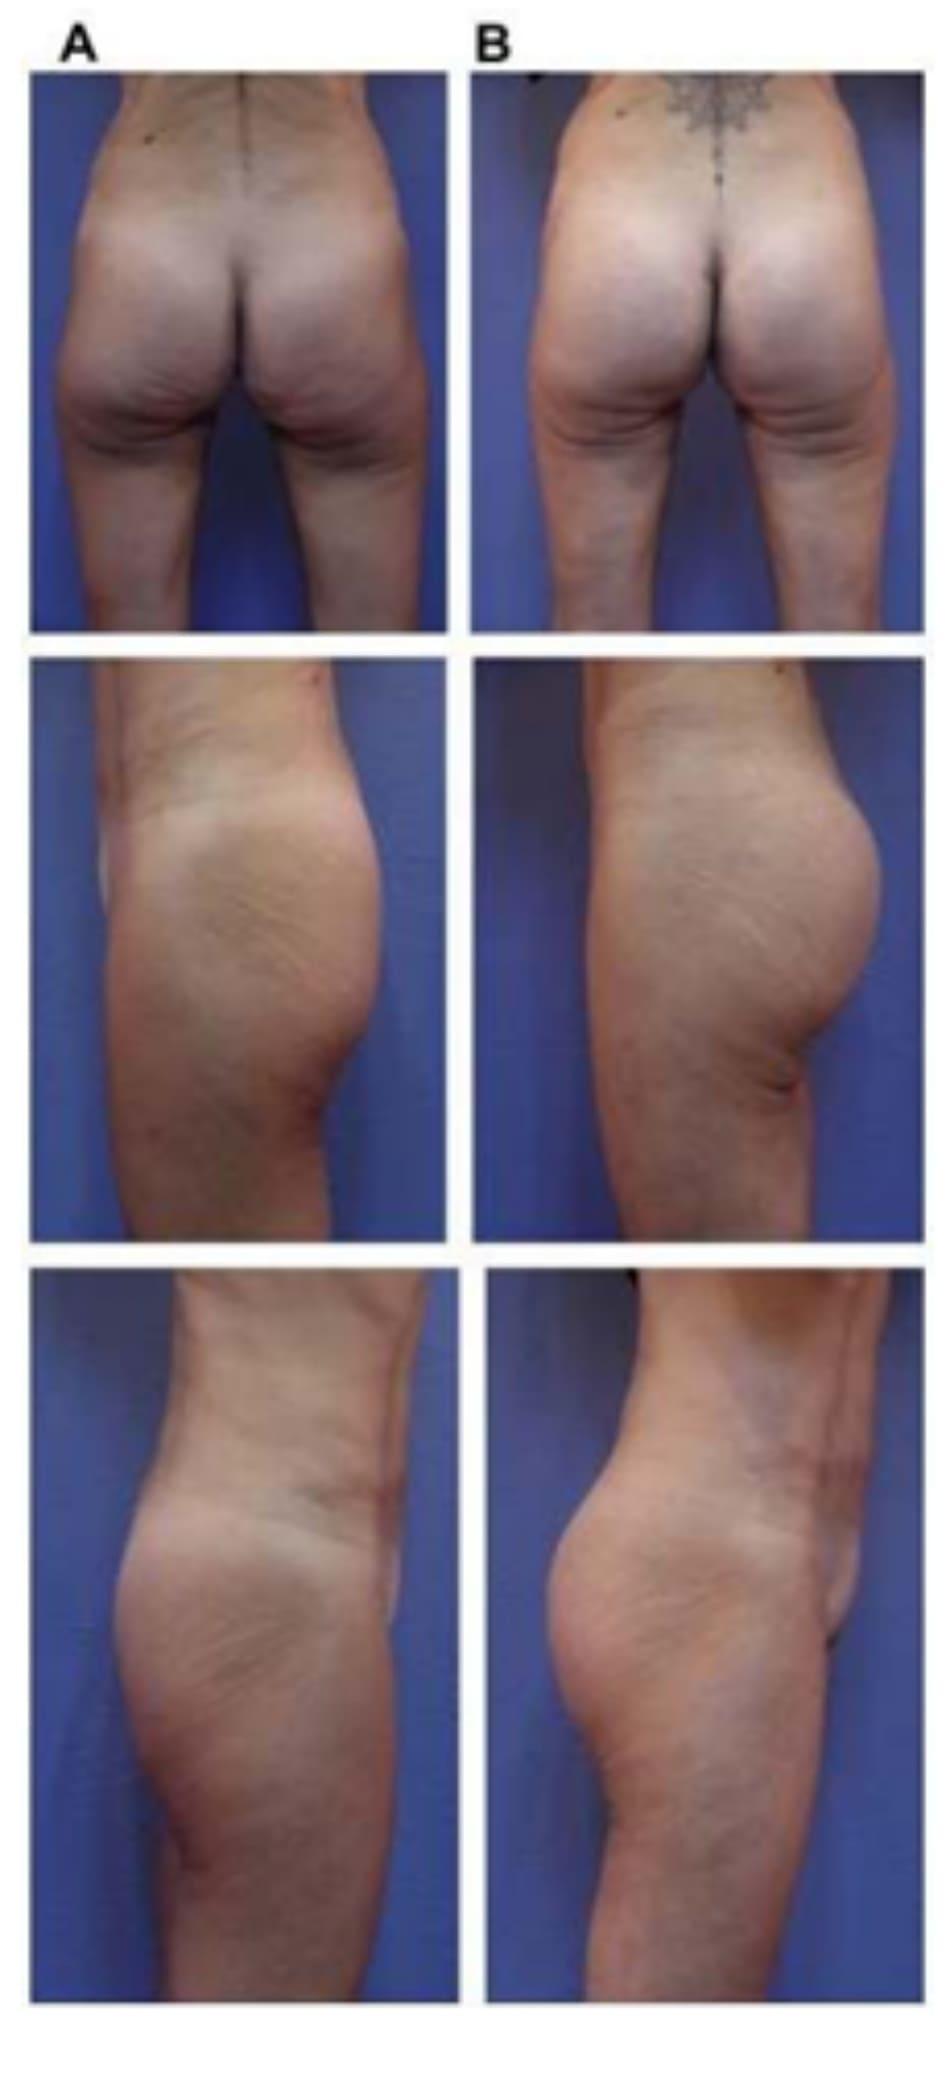 Hình. 21. (A) Hình anh trước và (B) và sau phẫu thuật làm đầy mông của bệnh nhân có vùng thắt lưngtương đối phẳng. Bệnh nhân được đặt khối im- plant dưới cân thể tích 330 mL ở hai bên.